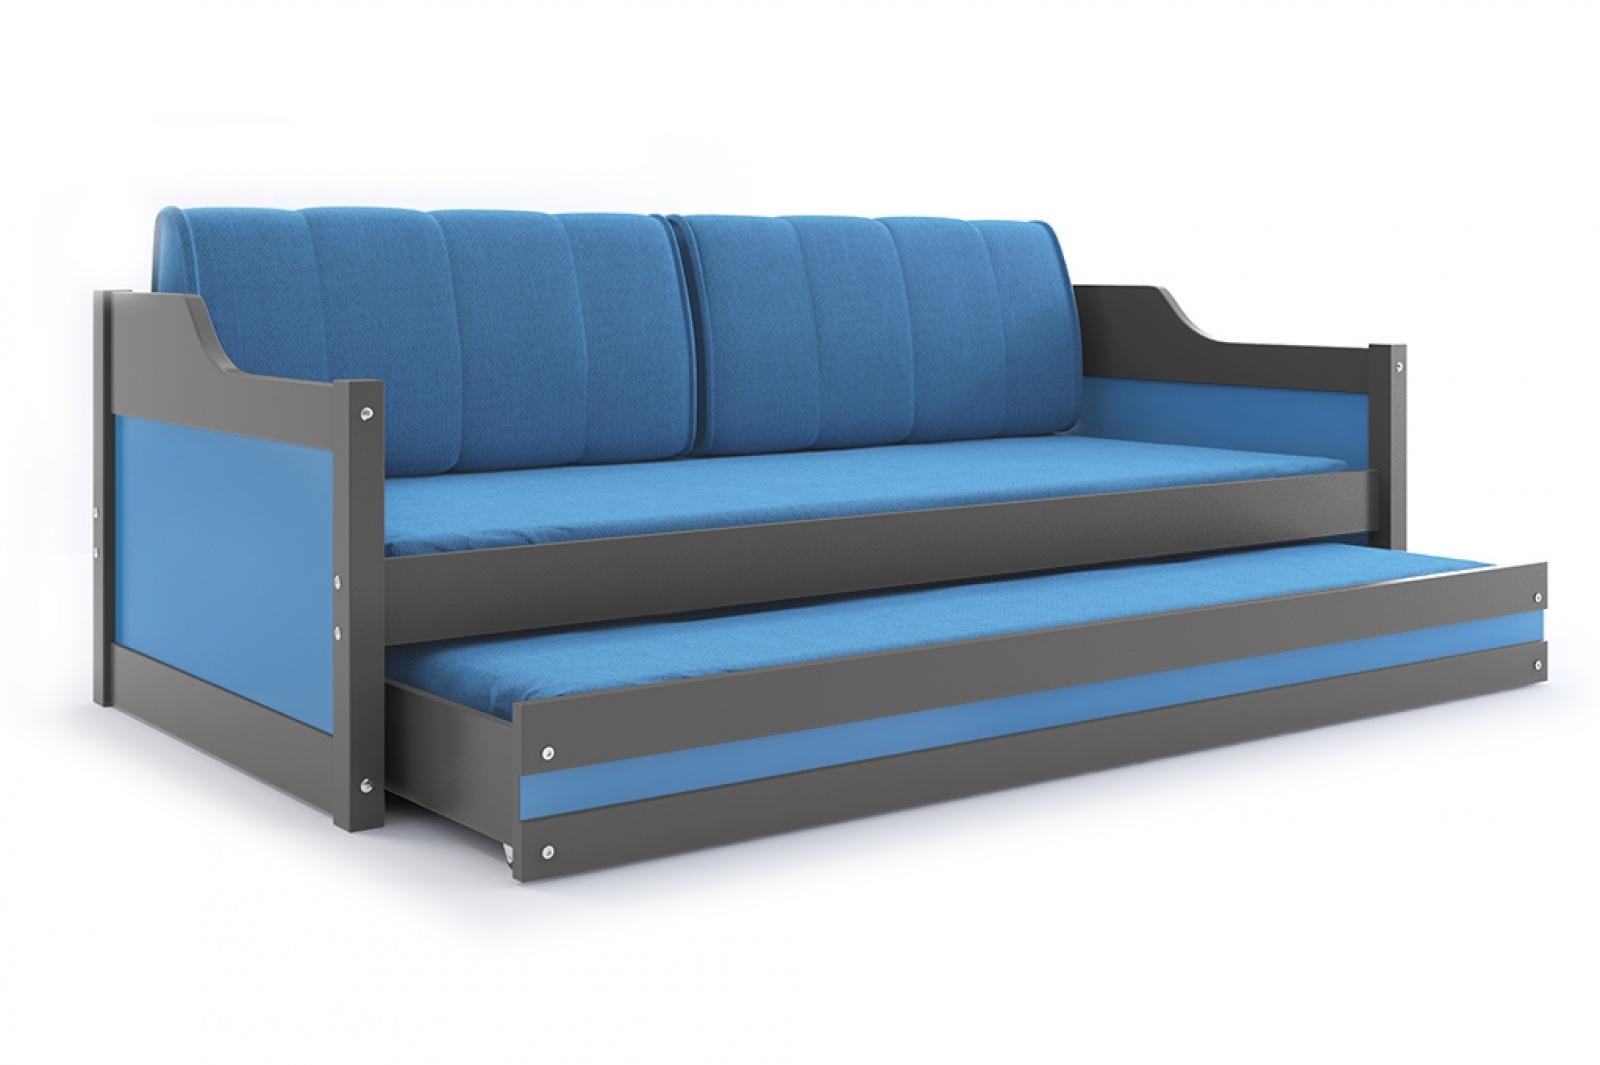 Sofabett Für Jugendzimmer | daredevz.com